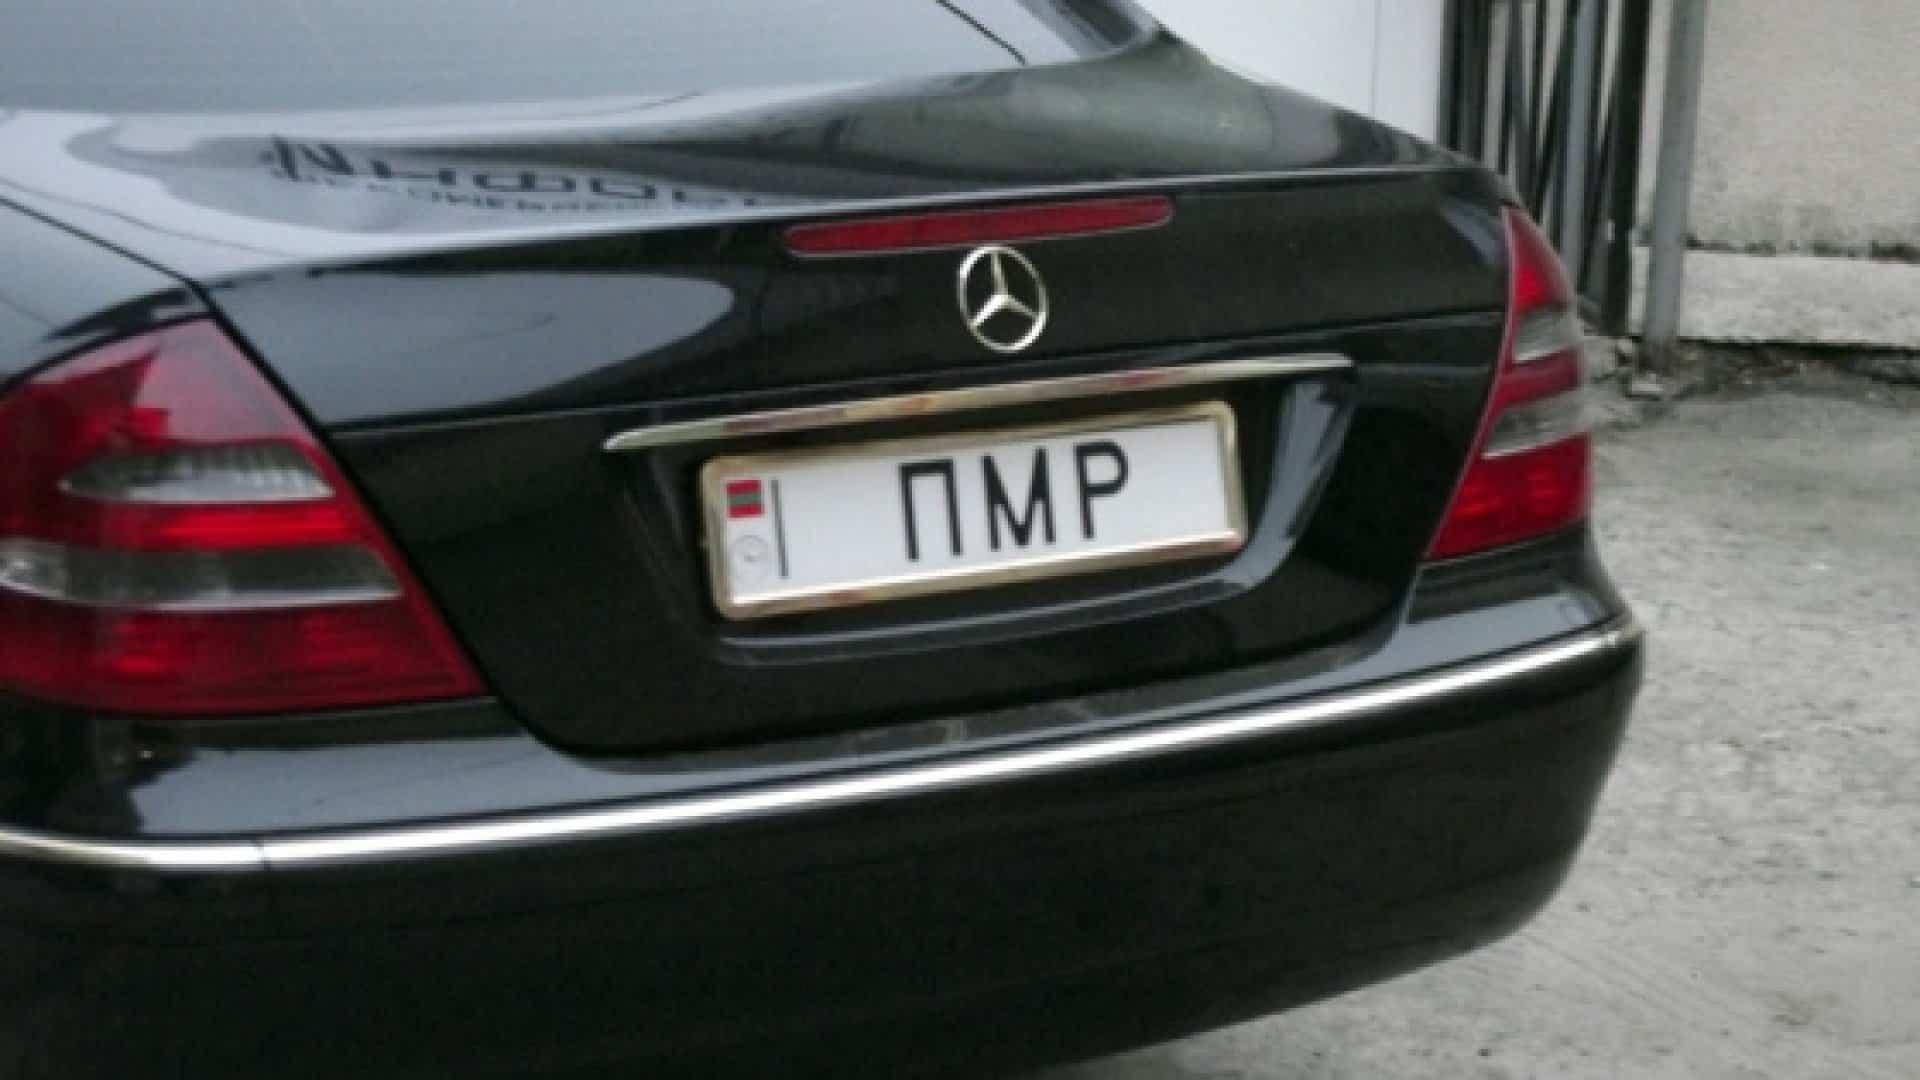 """Молдова обмежила рух автомобілів з номерами """"ПМР"""""""